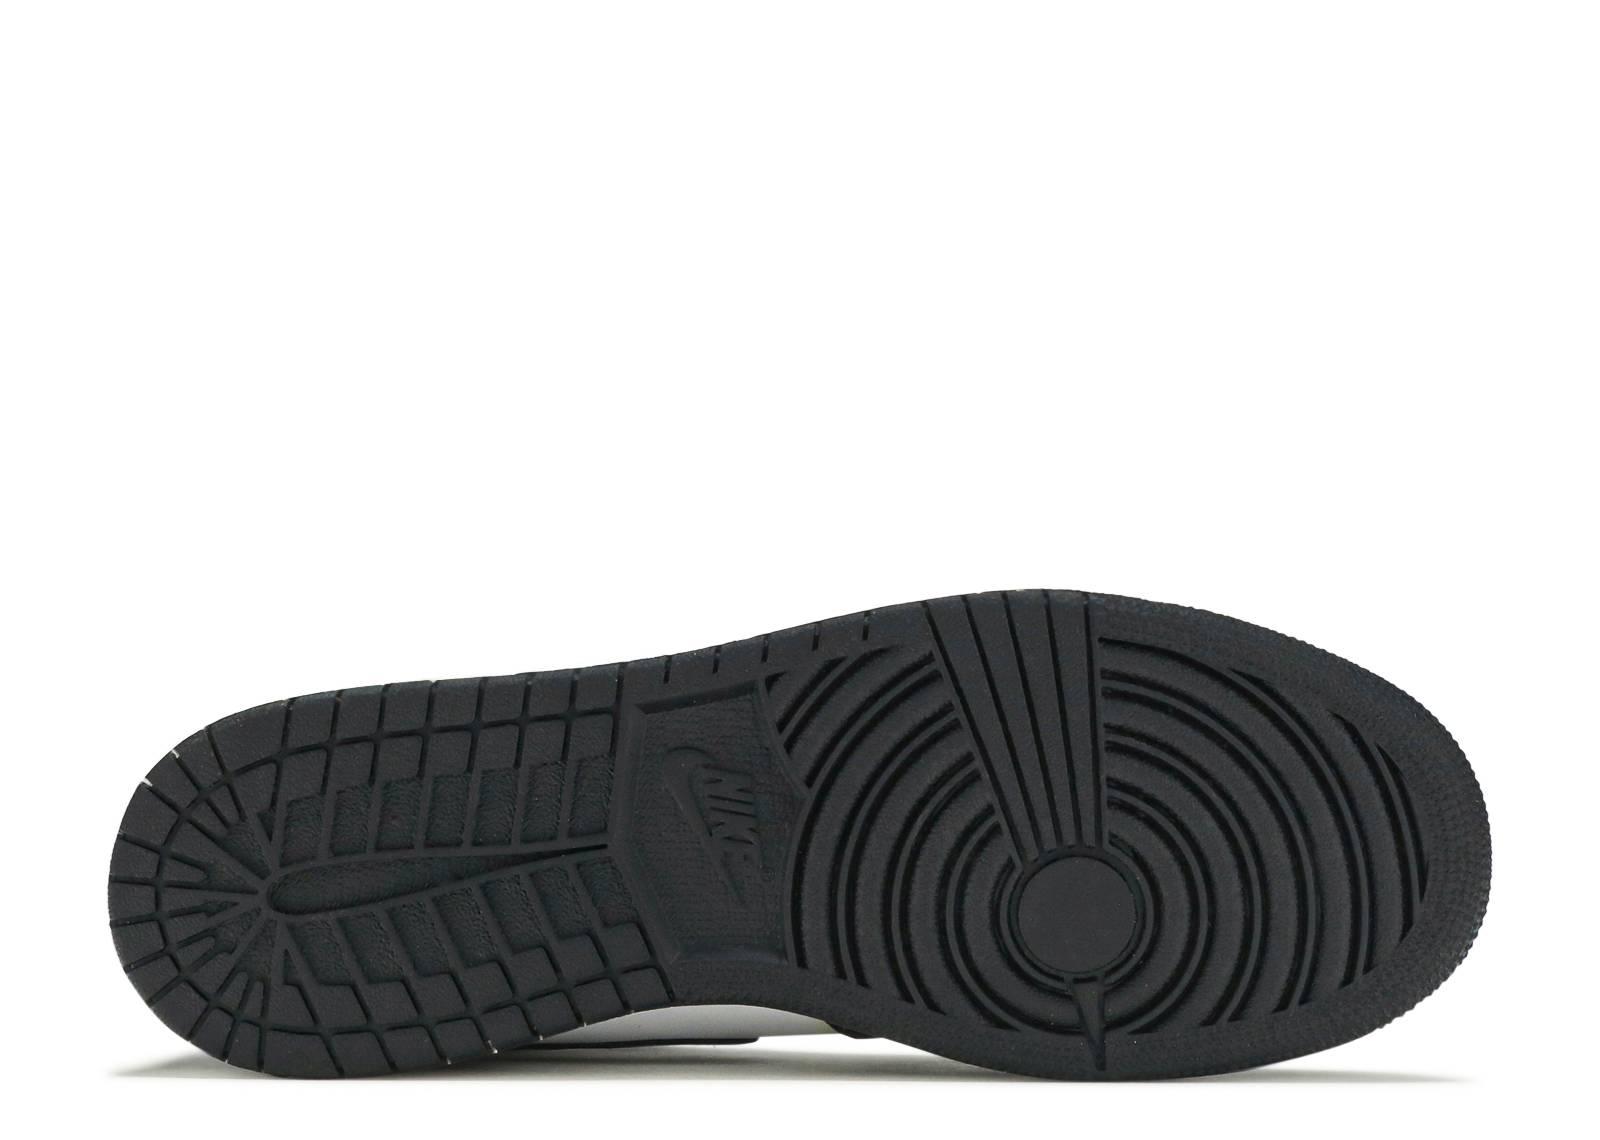 Air Jordan 1 Retro High OG BG 'Black White' 2014